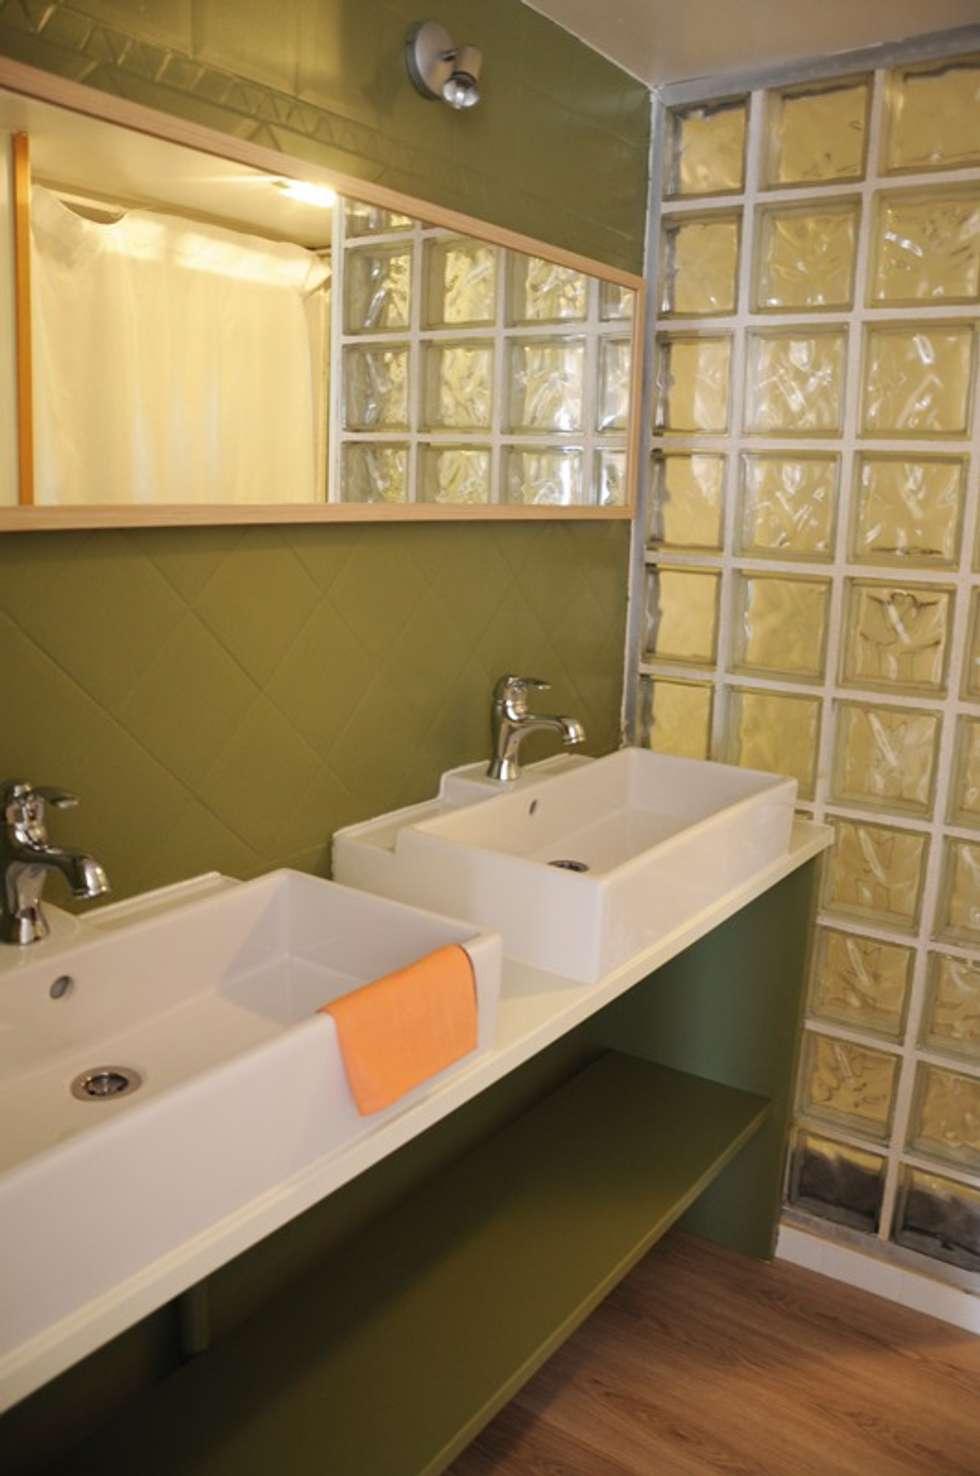 Le 16 - Salle de bain RDC: Maisons de style de style Moderne par Aurélie Ronfaut dite Thi-Lùu